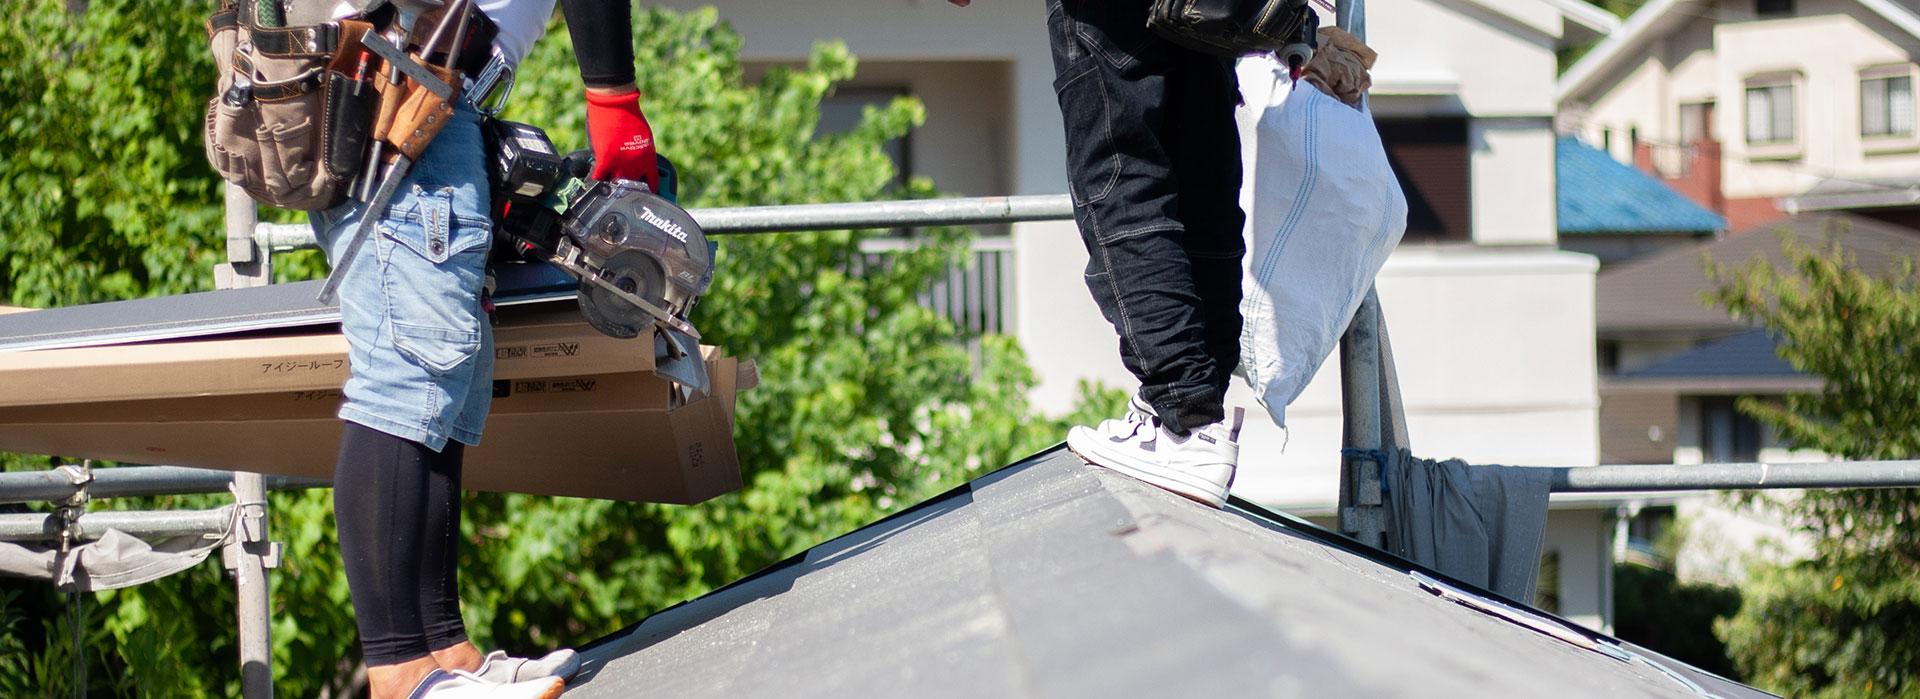 神戸市の屋根修理・雨漏り修理業者G.ROOFへよくあるご質問